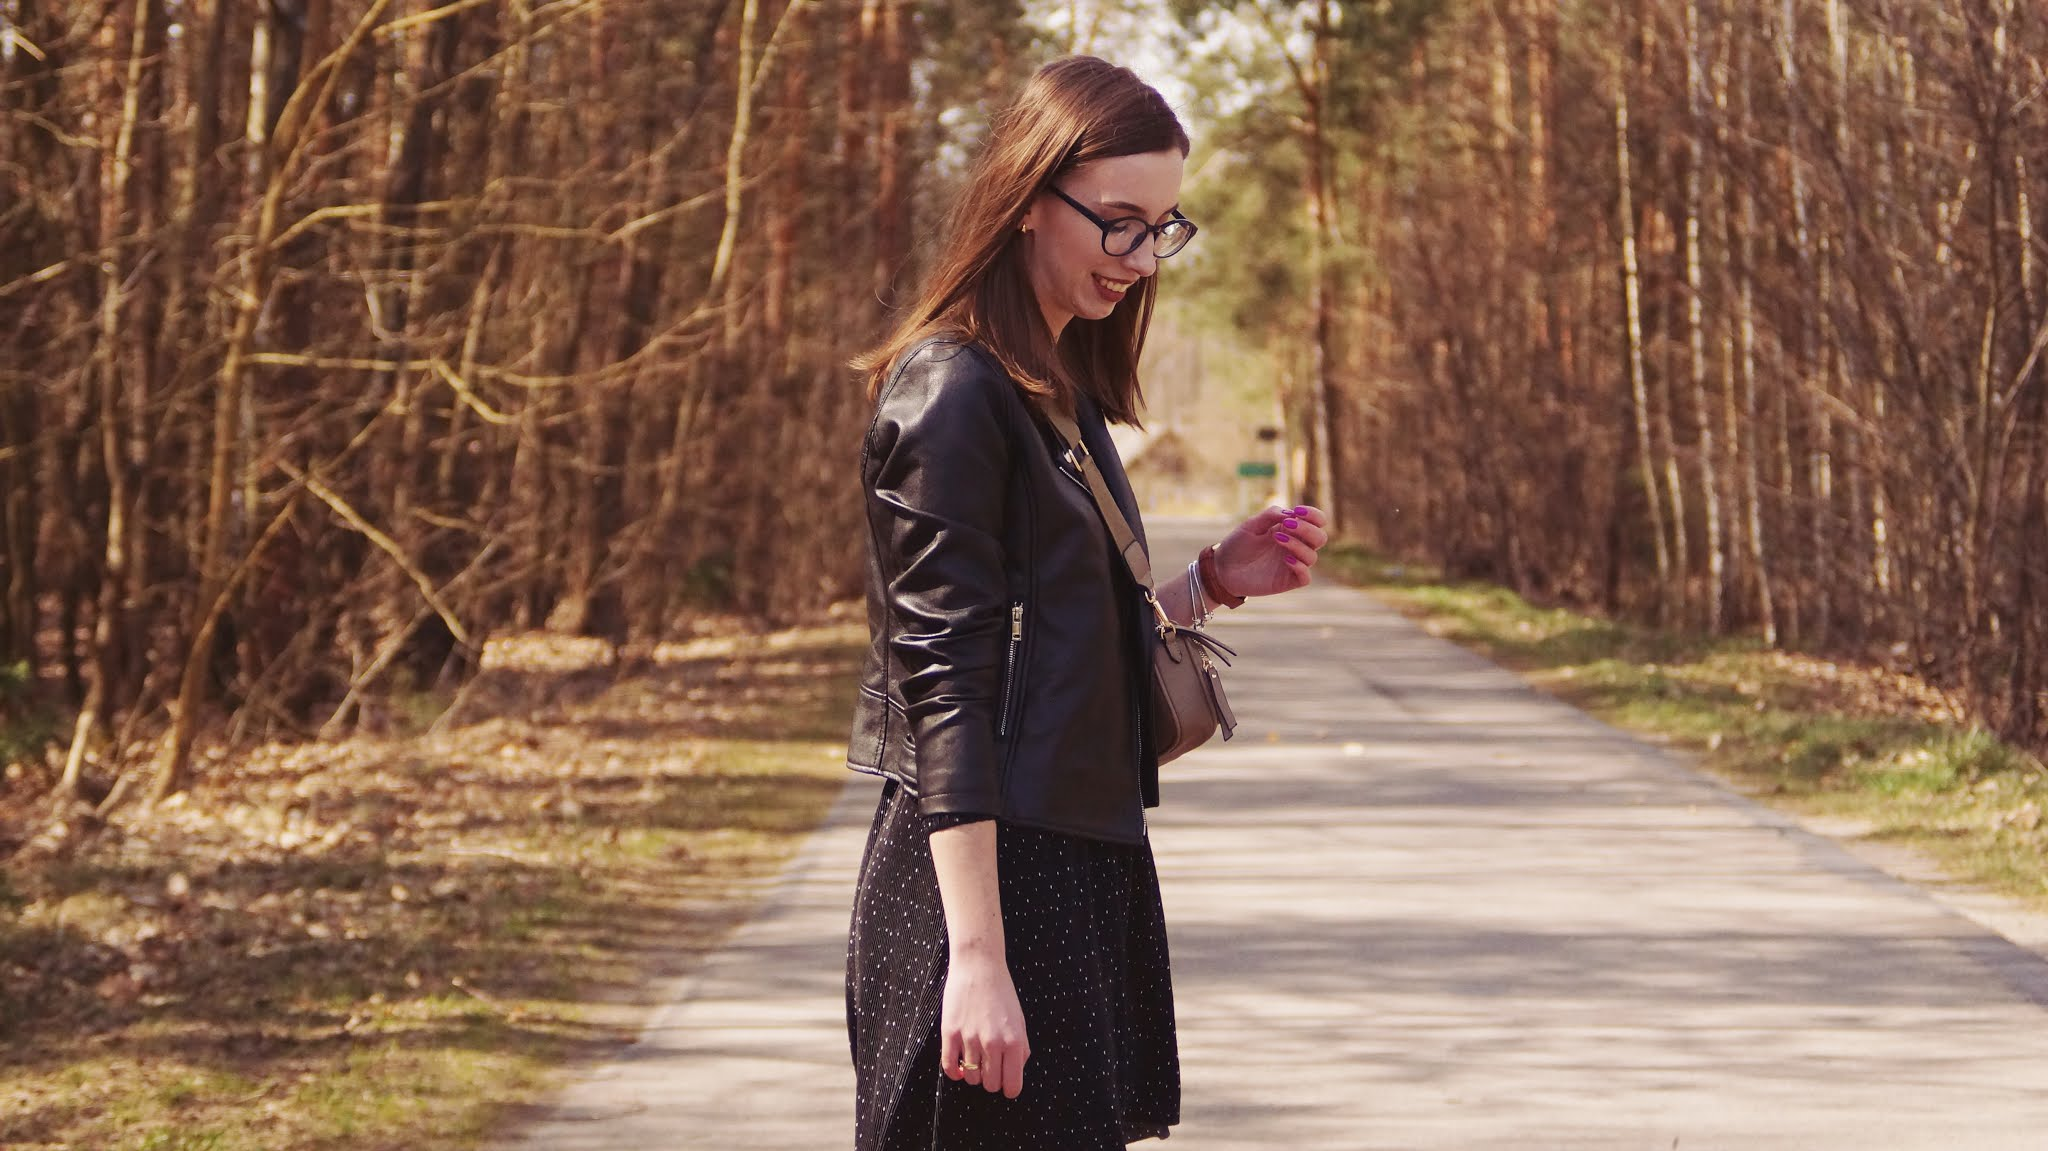 Czarna plisowana sukienka w kropki i sneakersy Garcia od Royal Fashion - Jedna baza, dwie stylizacje cz. 2